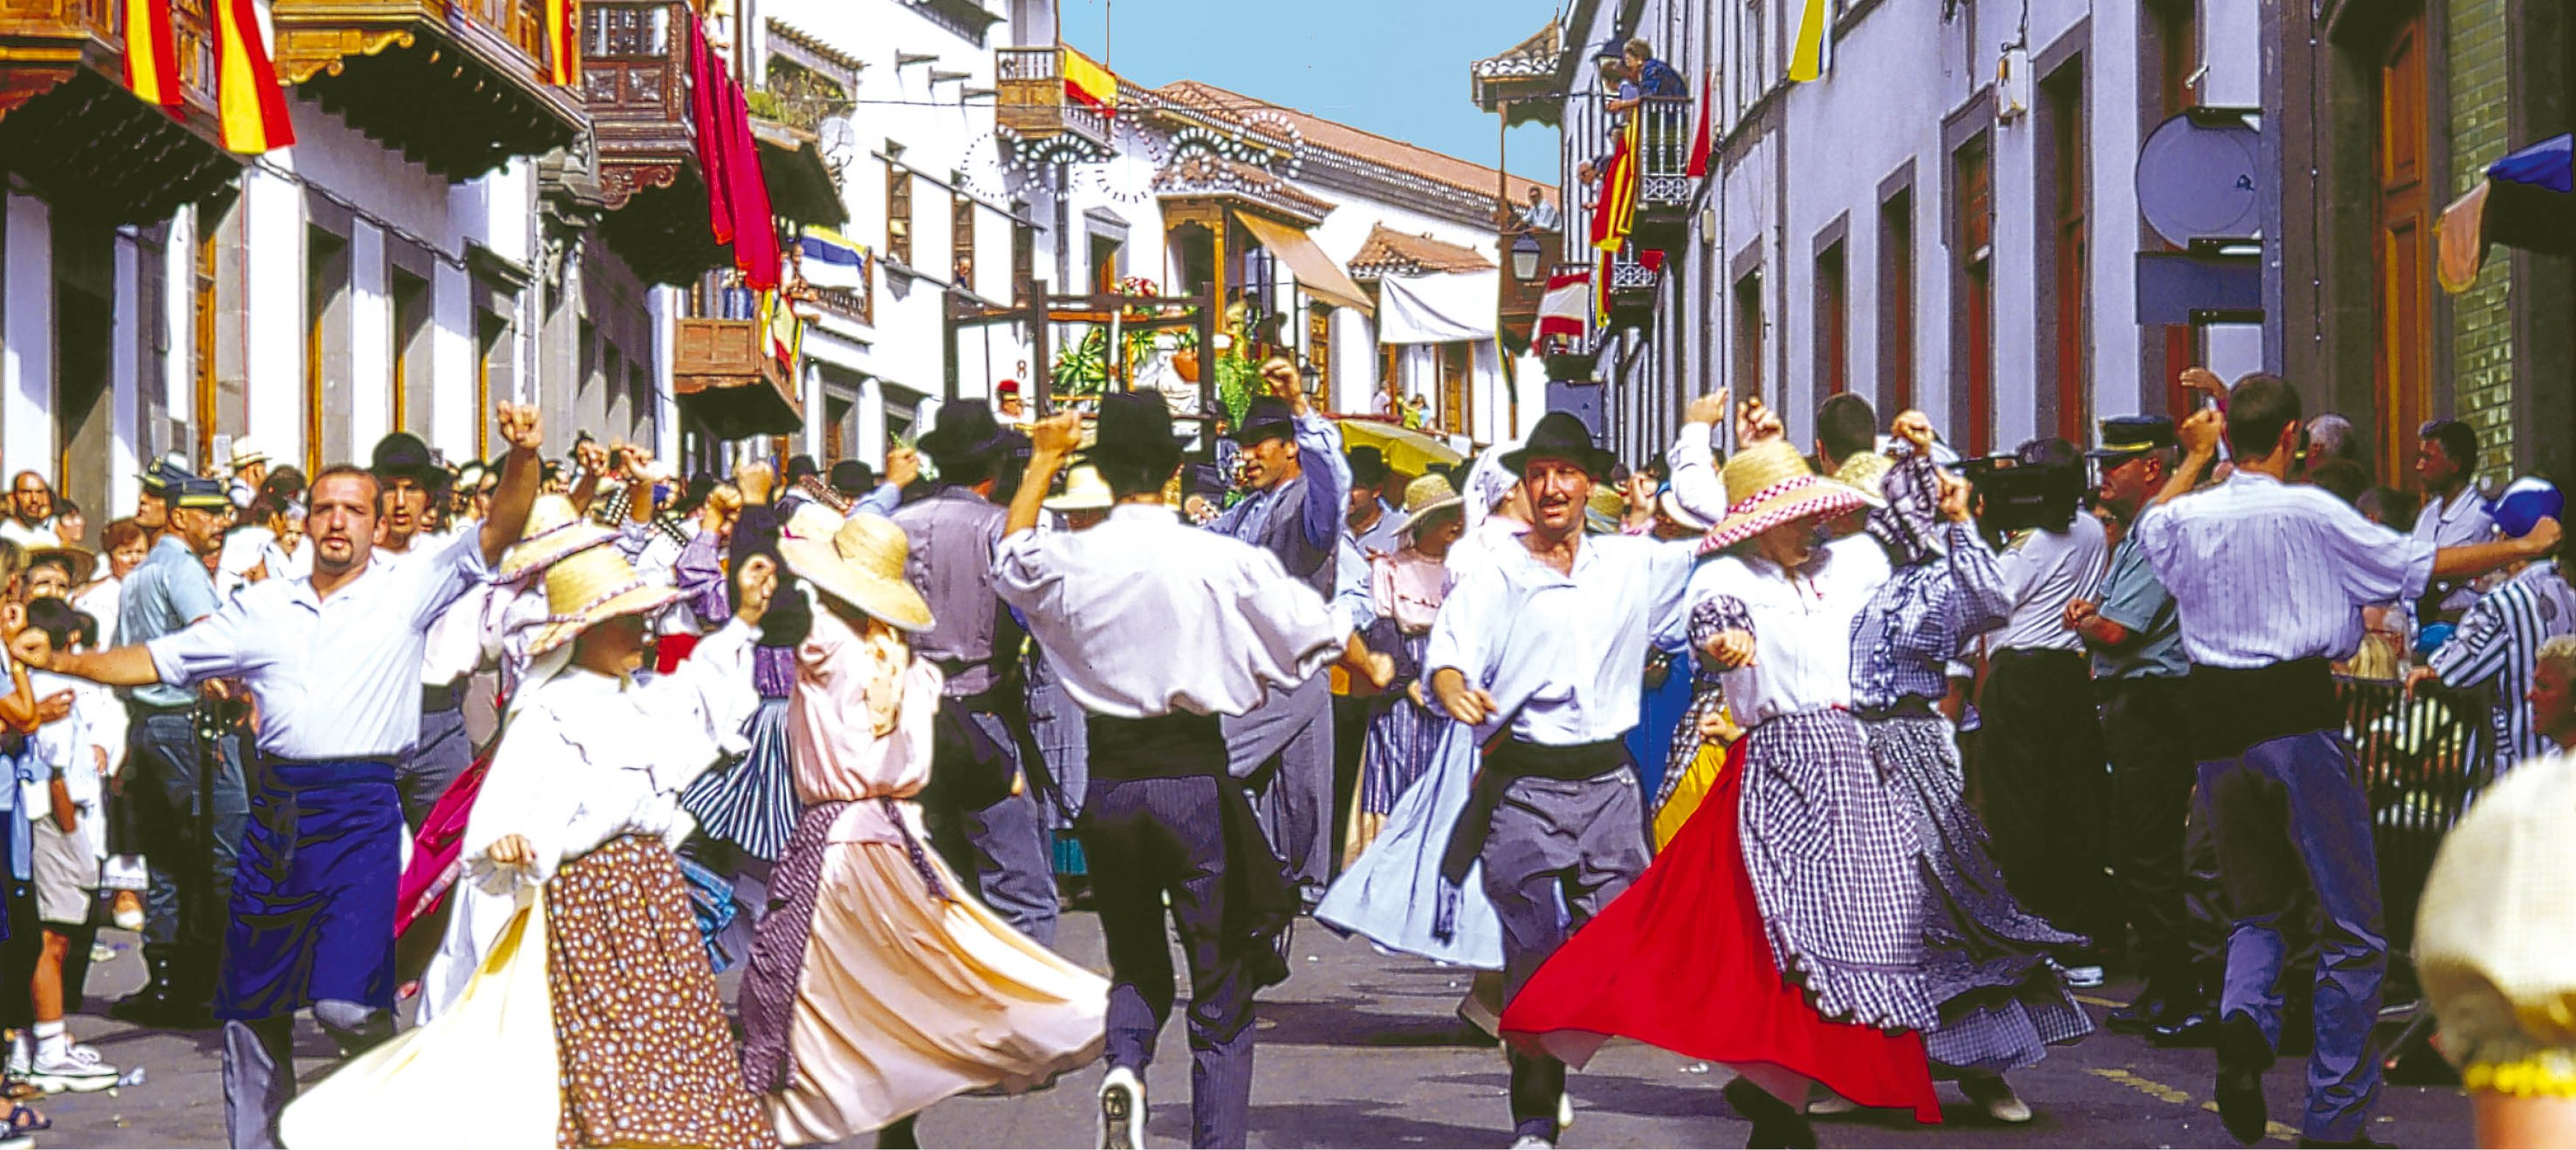 folkfest på gatorna i spanien med dans